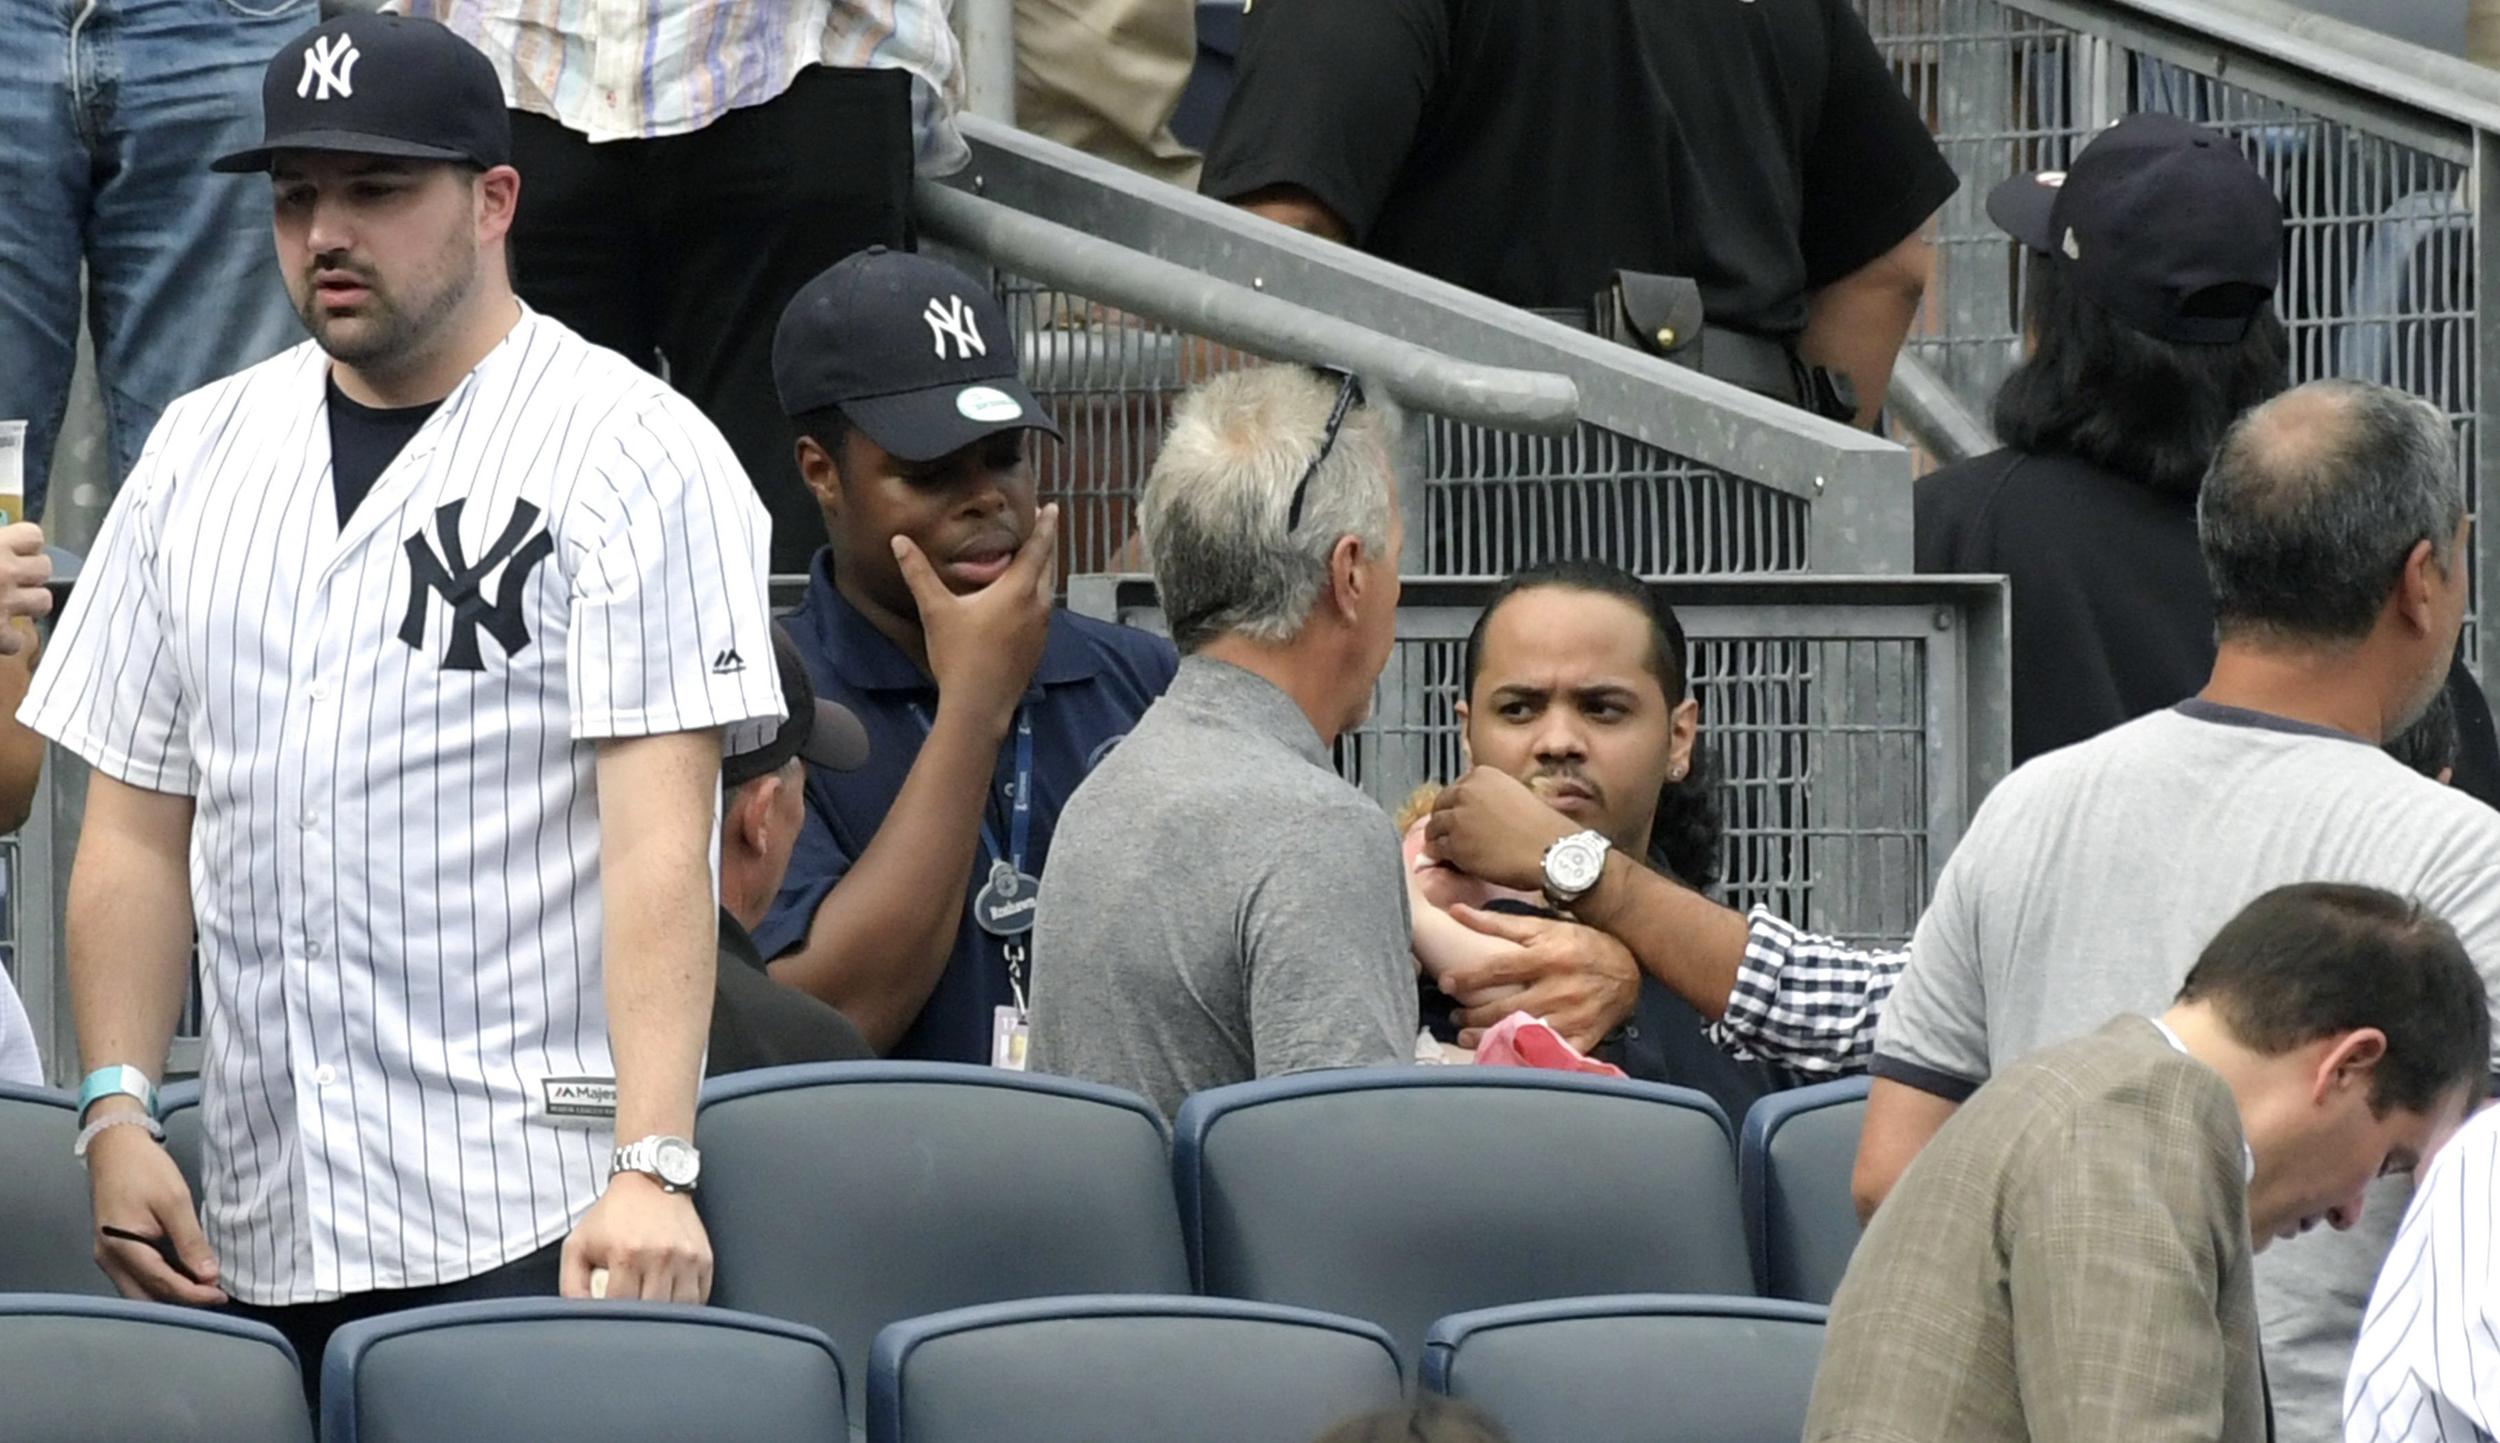 Girl's Ballpark Injury Sparks Calls for More Nets